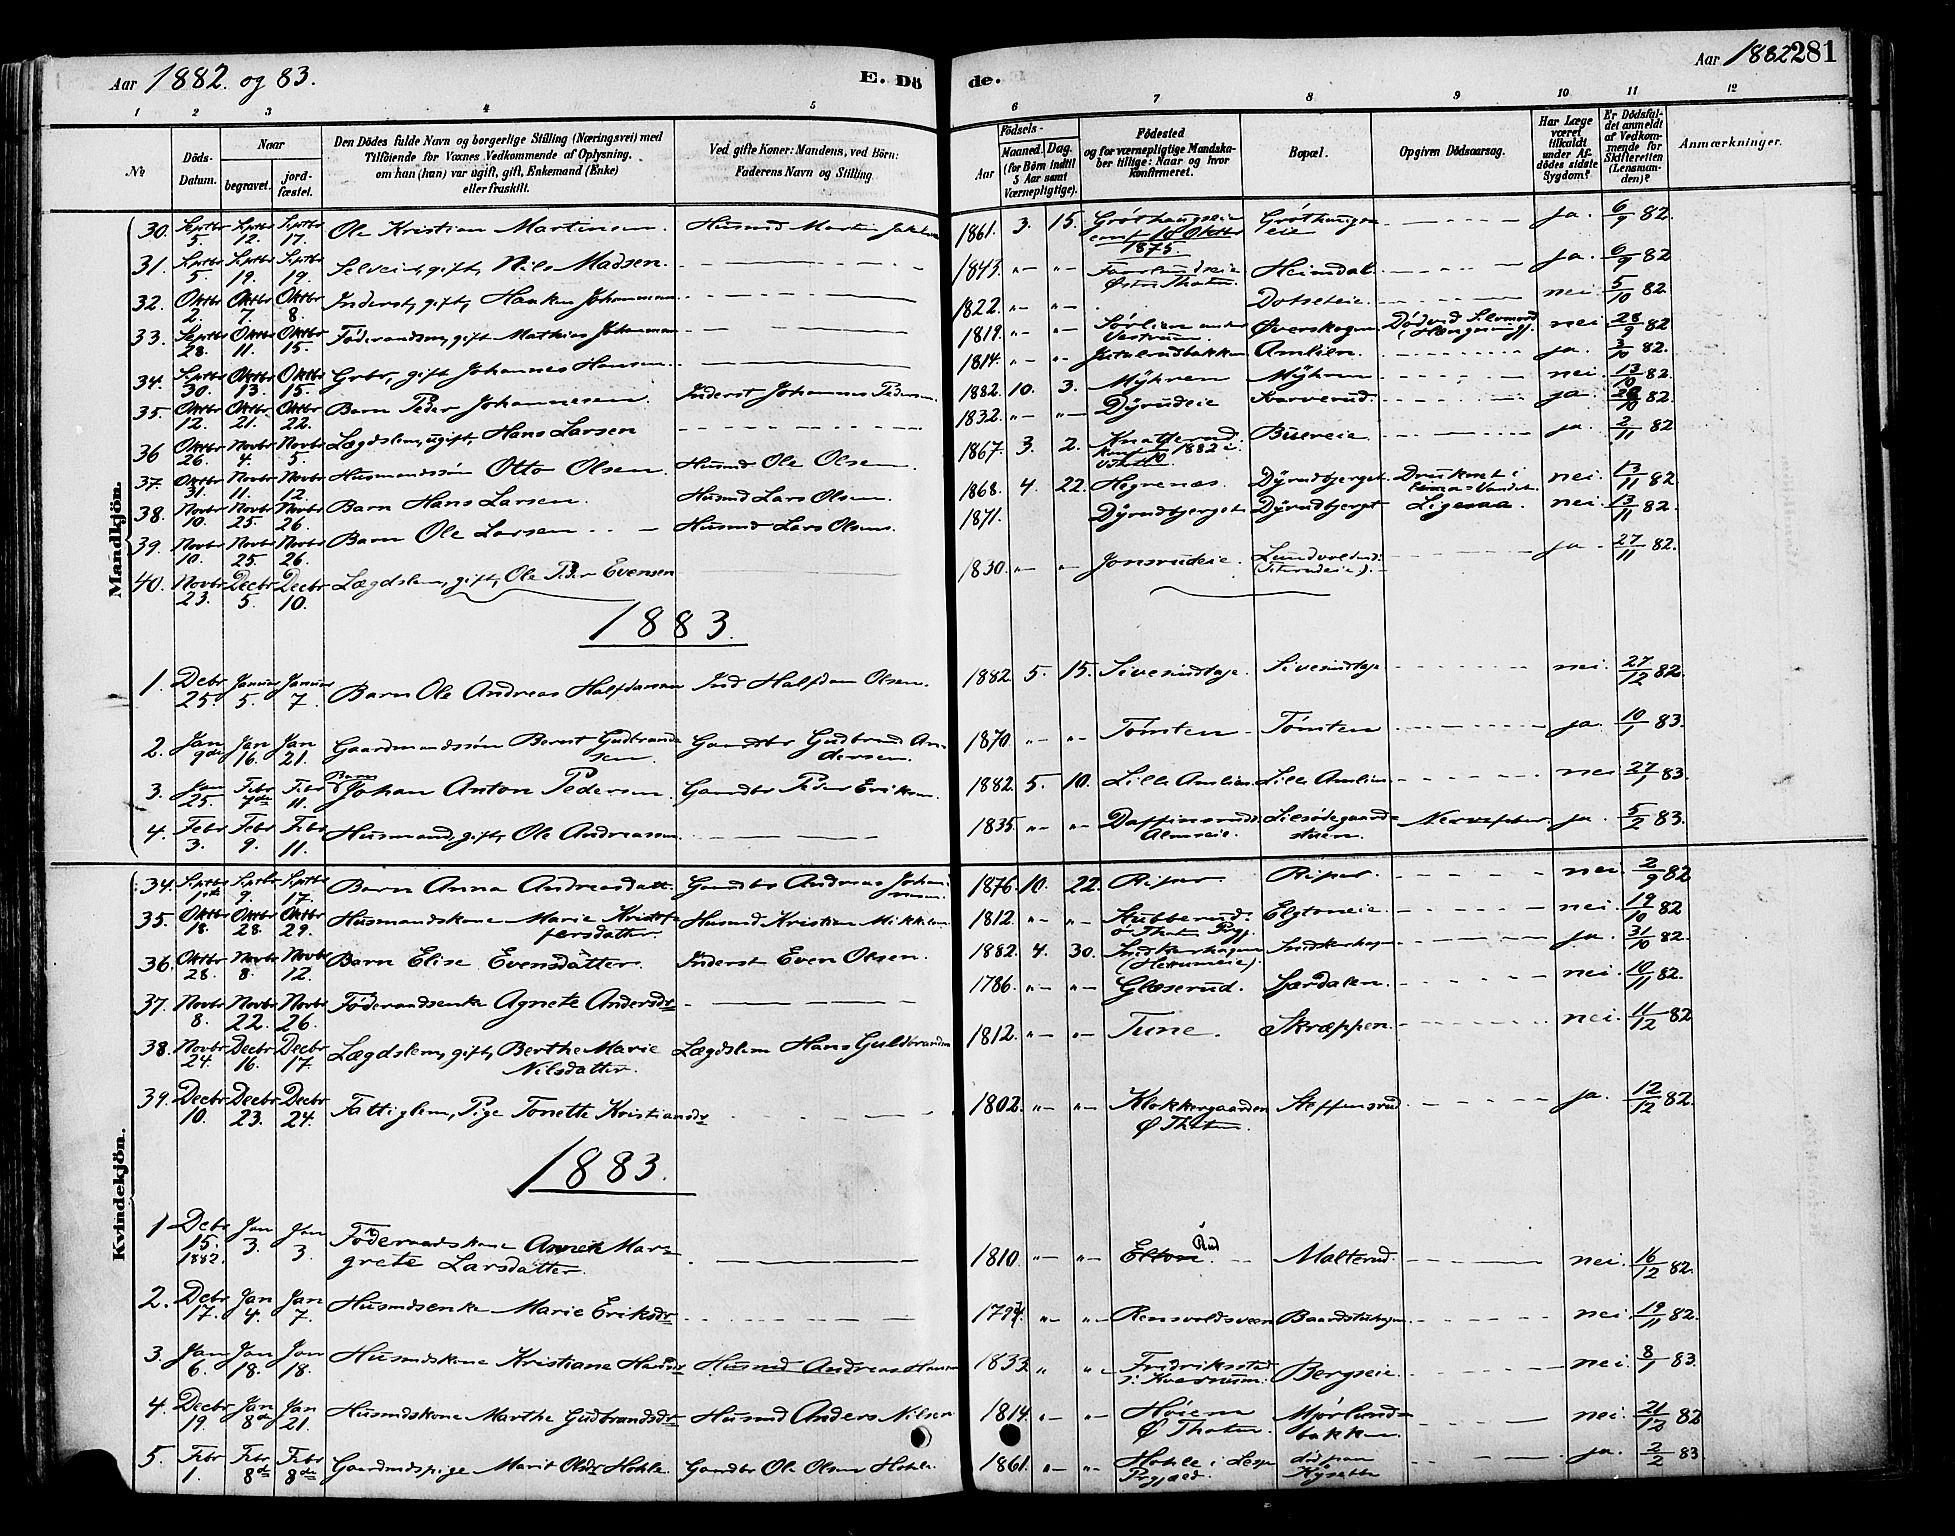 SAH, Vestre Toten prestekontor, Ministerialbok nr. 9, 1878-1894, s. 281